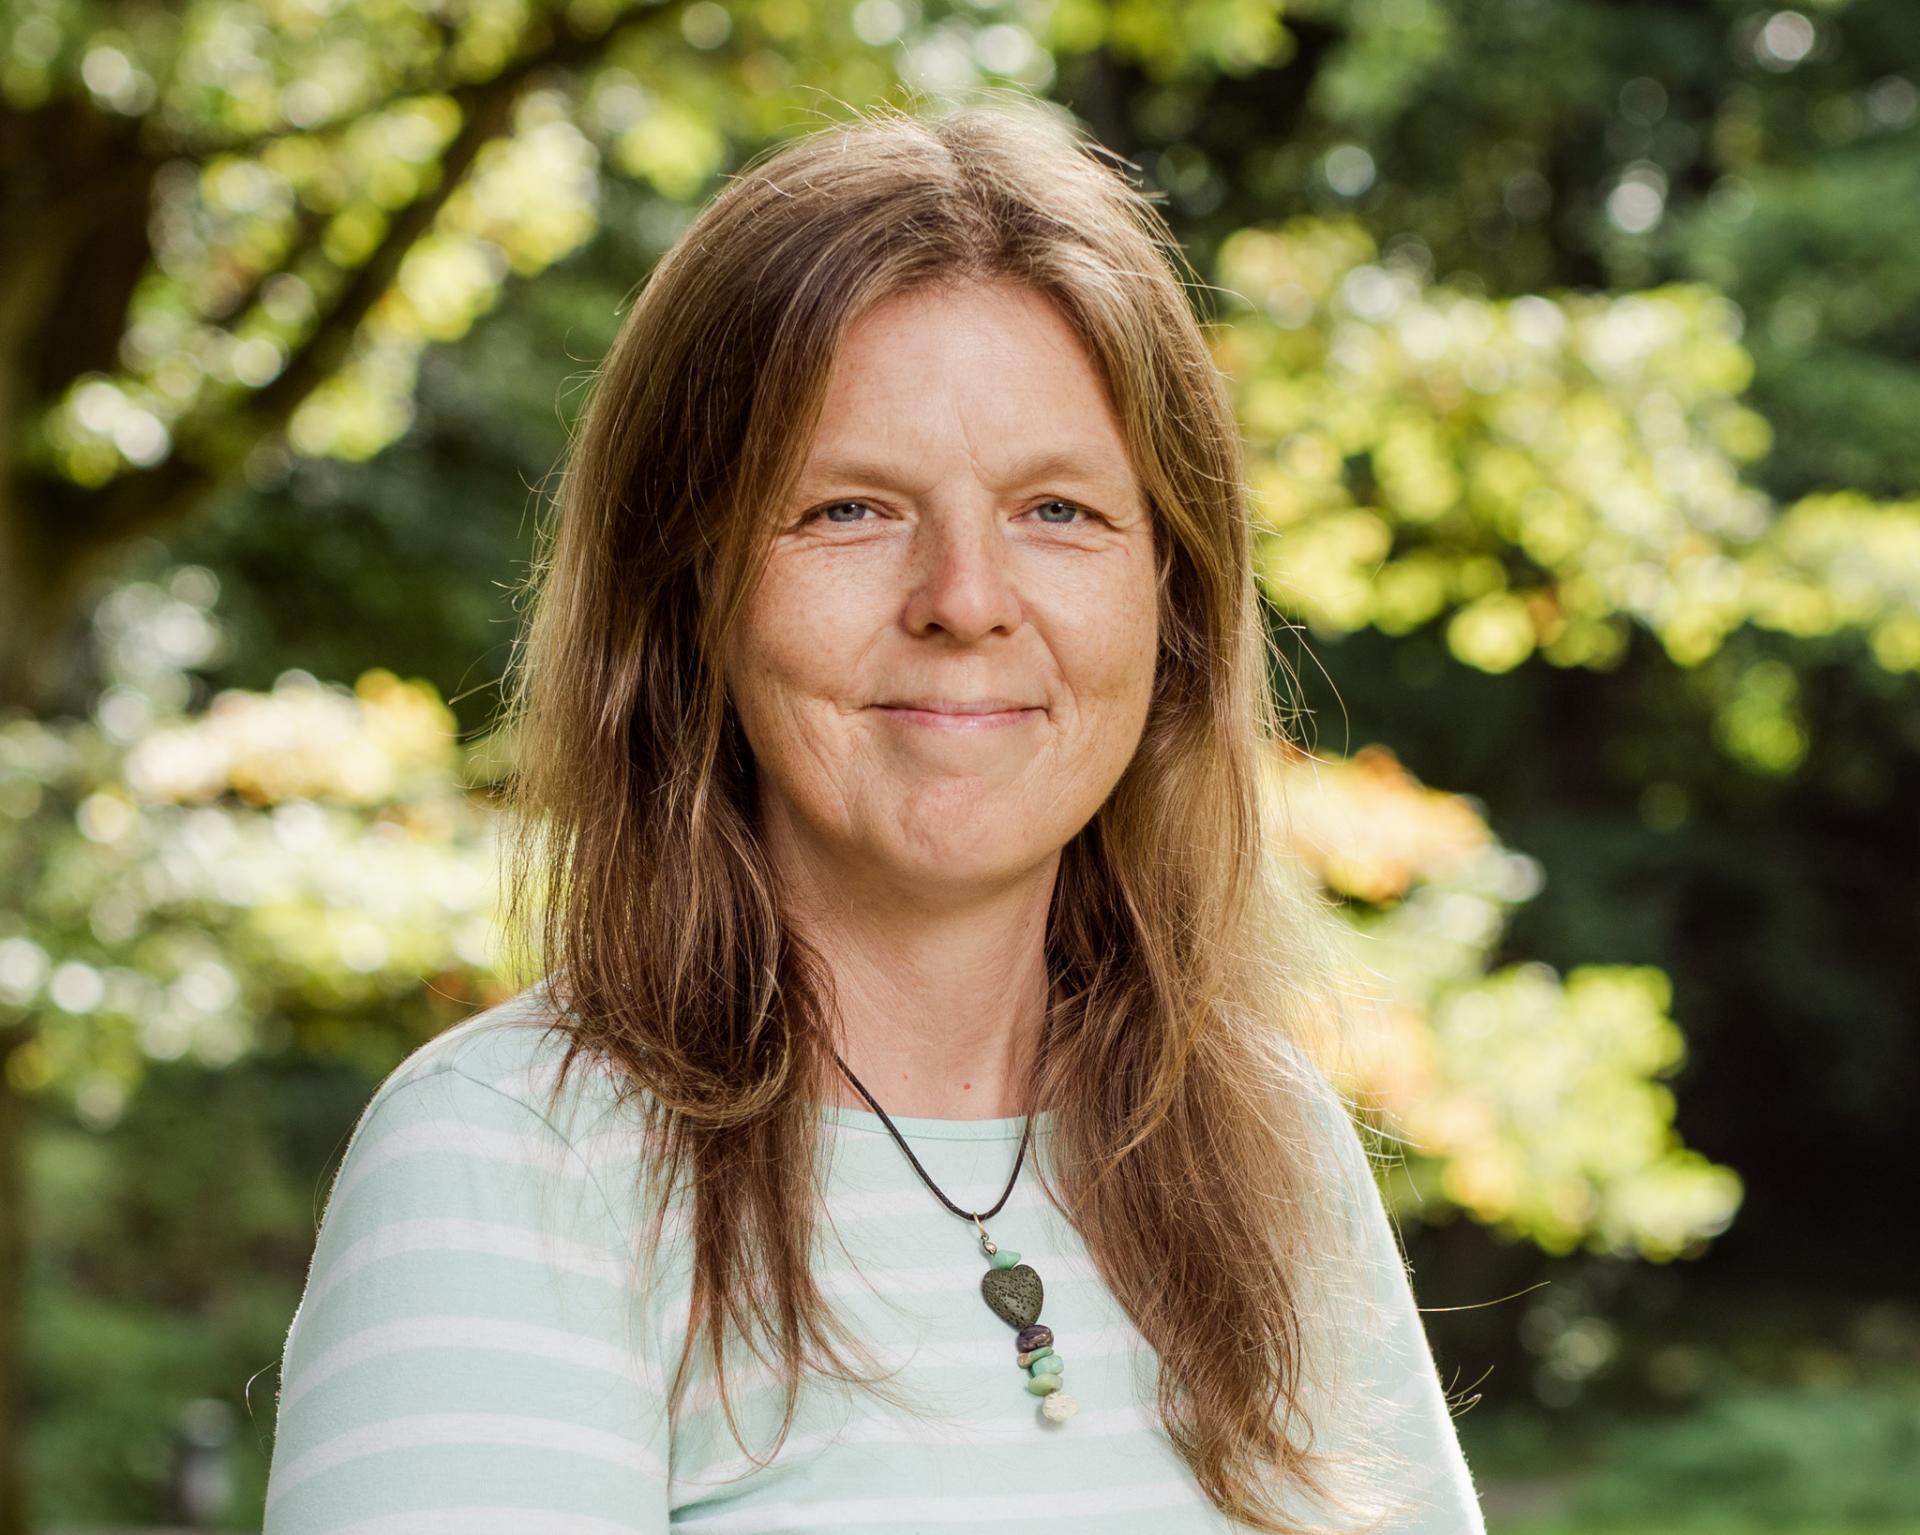 Sonja Wasielewski